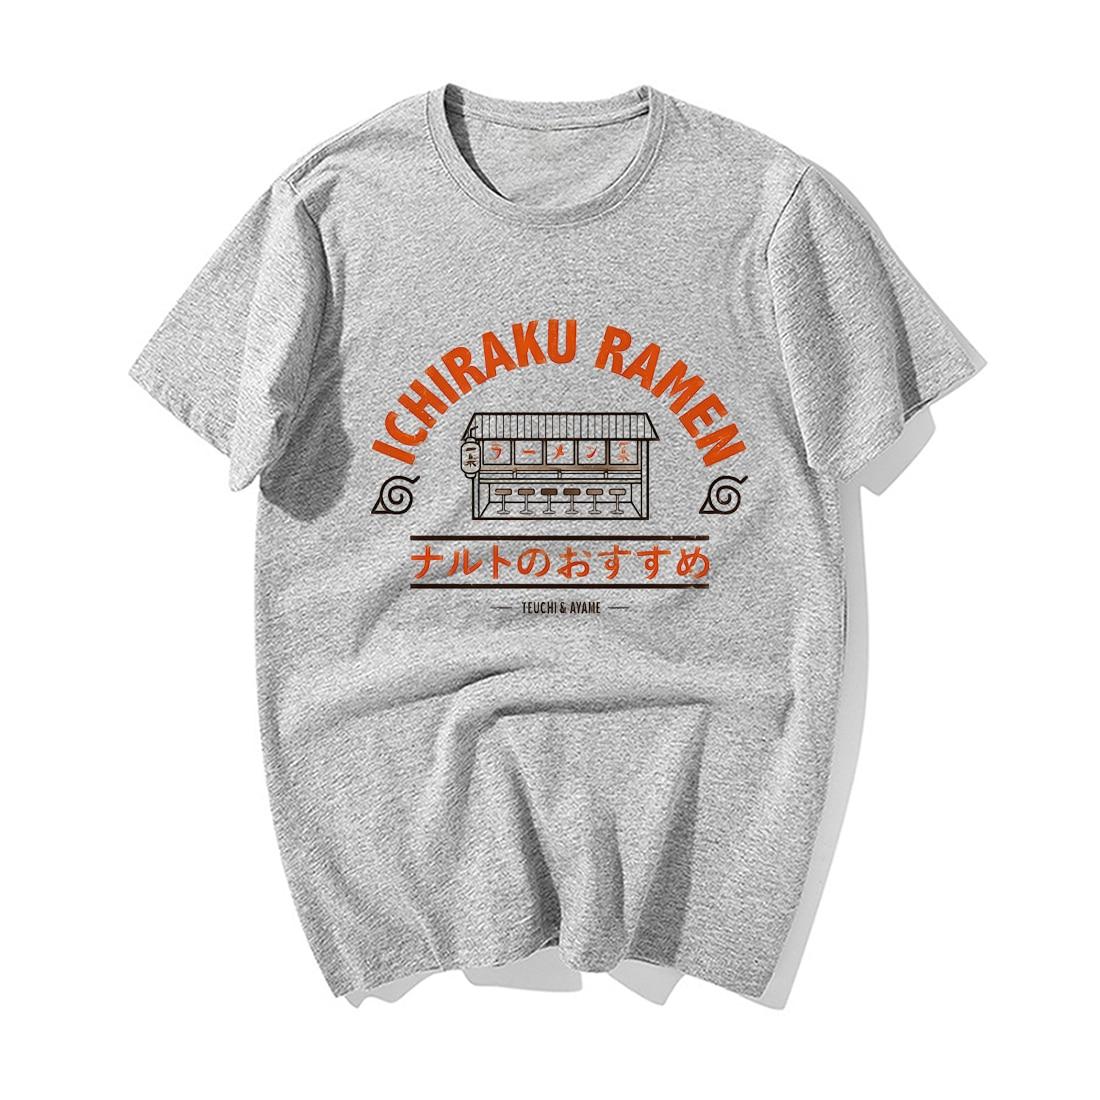 Funny Naruto Japanese Anime T Shirt Fashion Naruto Uzumaki Ichiraku Ramen Print Tshirt Men Summer Cotton Hip Hop Tshirts